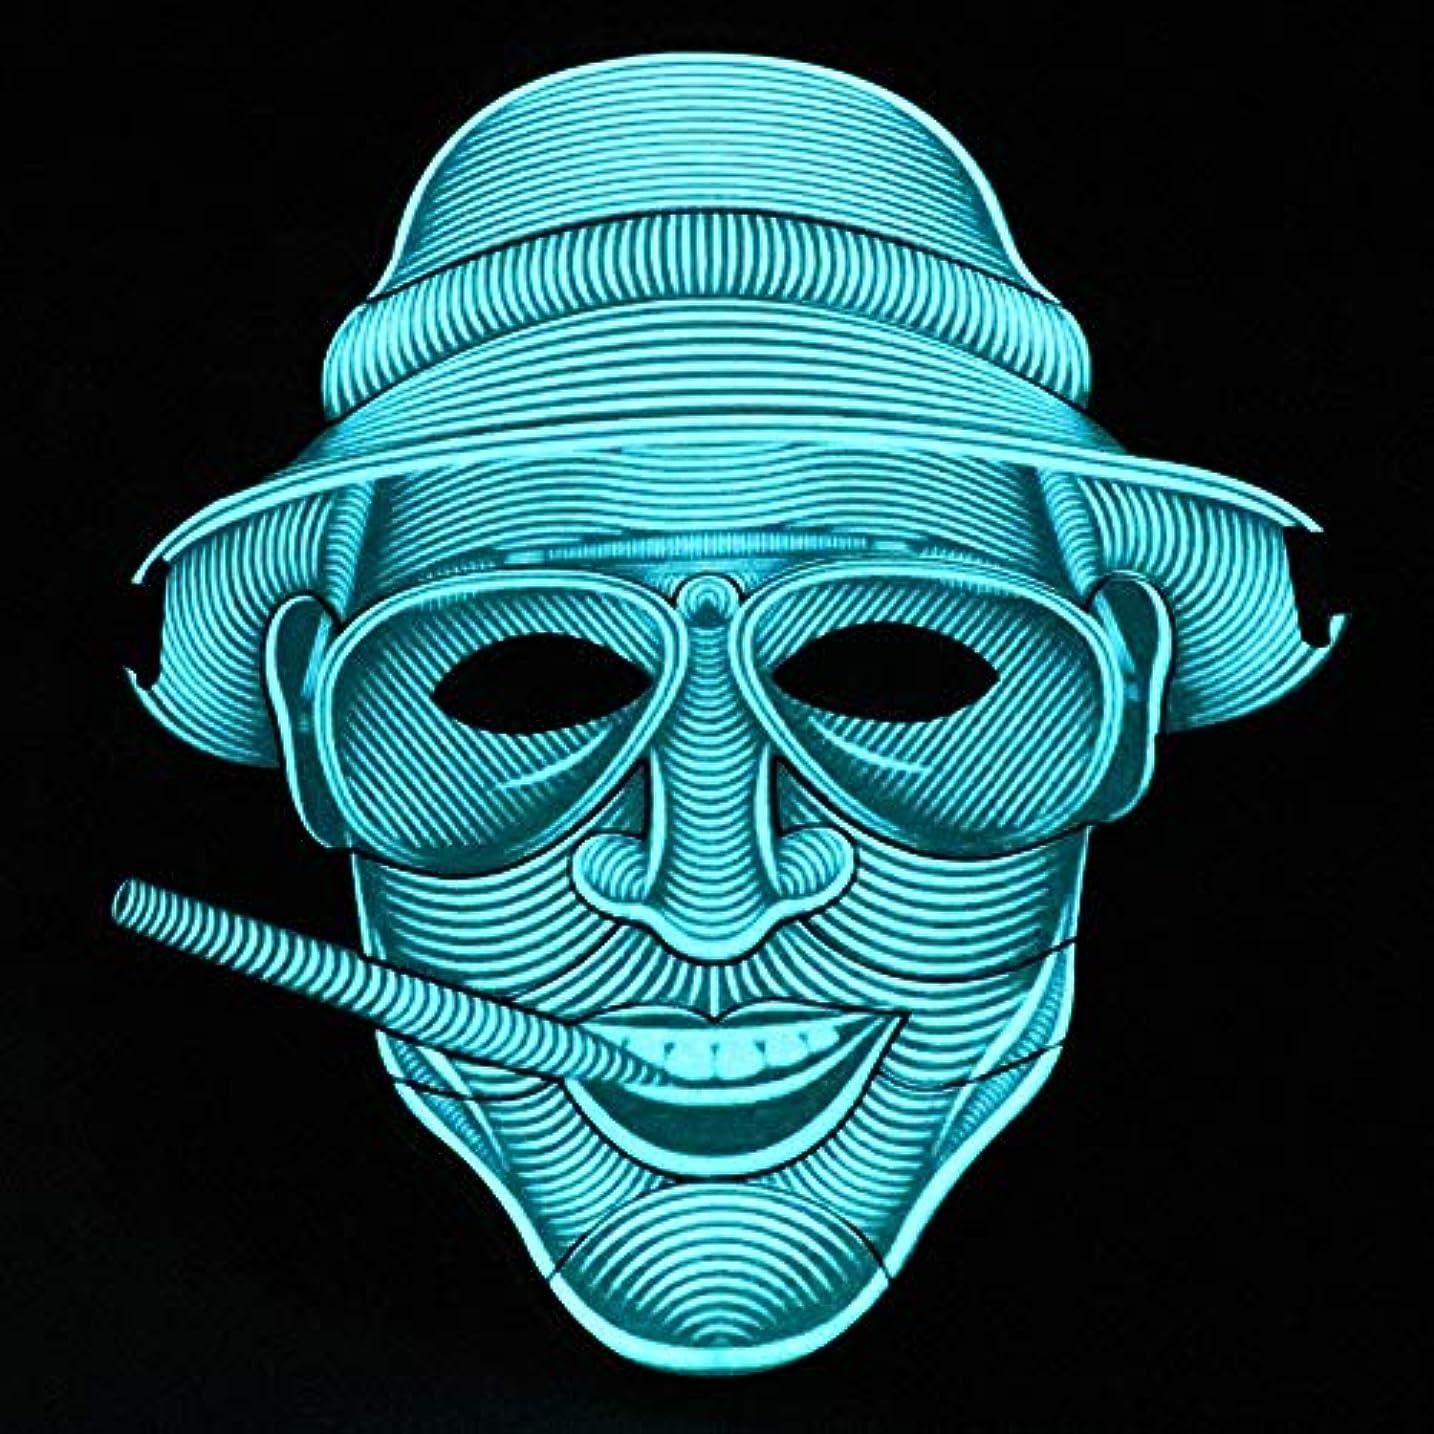 みぞれ可聴歯痛照らされたマスクLED創造的な冷光音響制御マスクハロウィンバーフェスティバルダンスマスク (Color : #15)